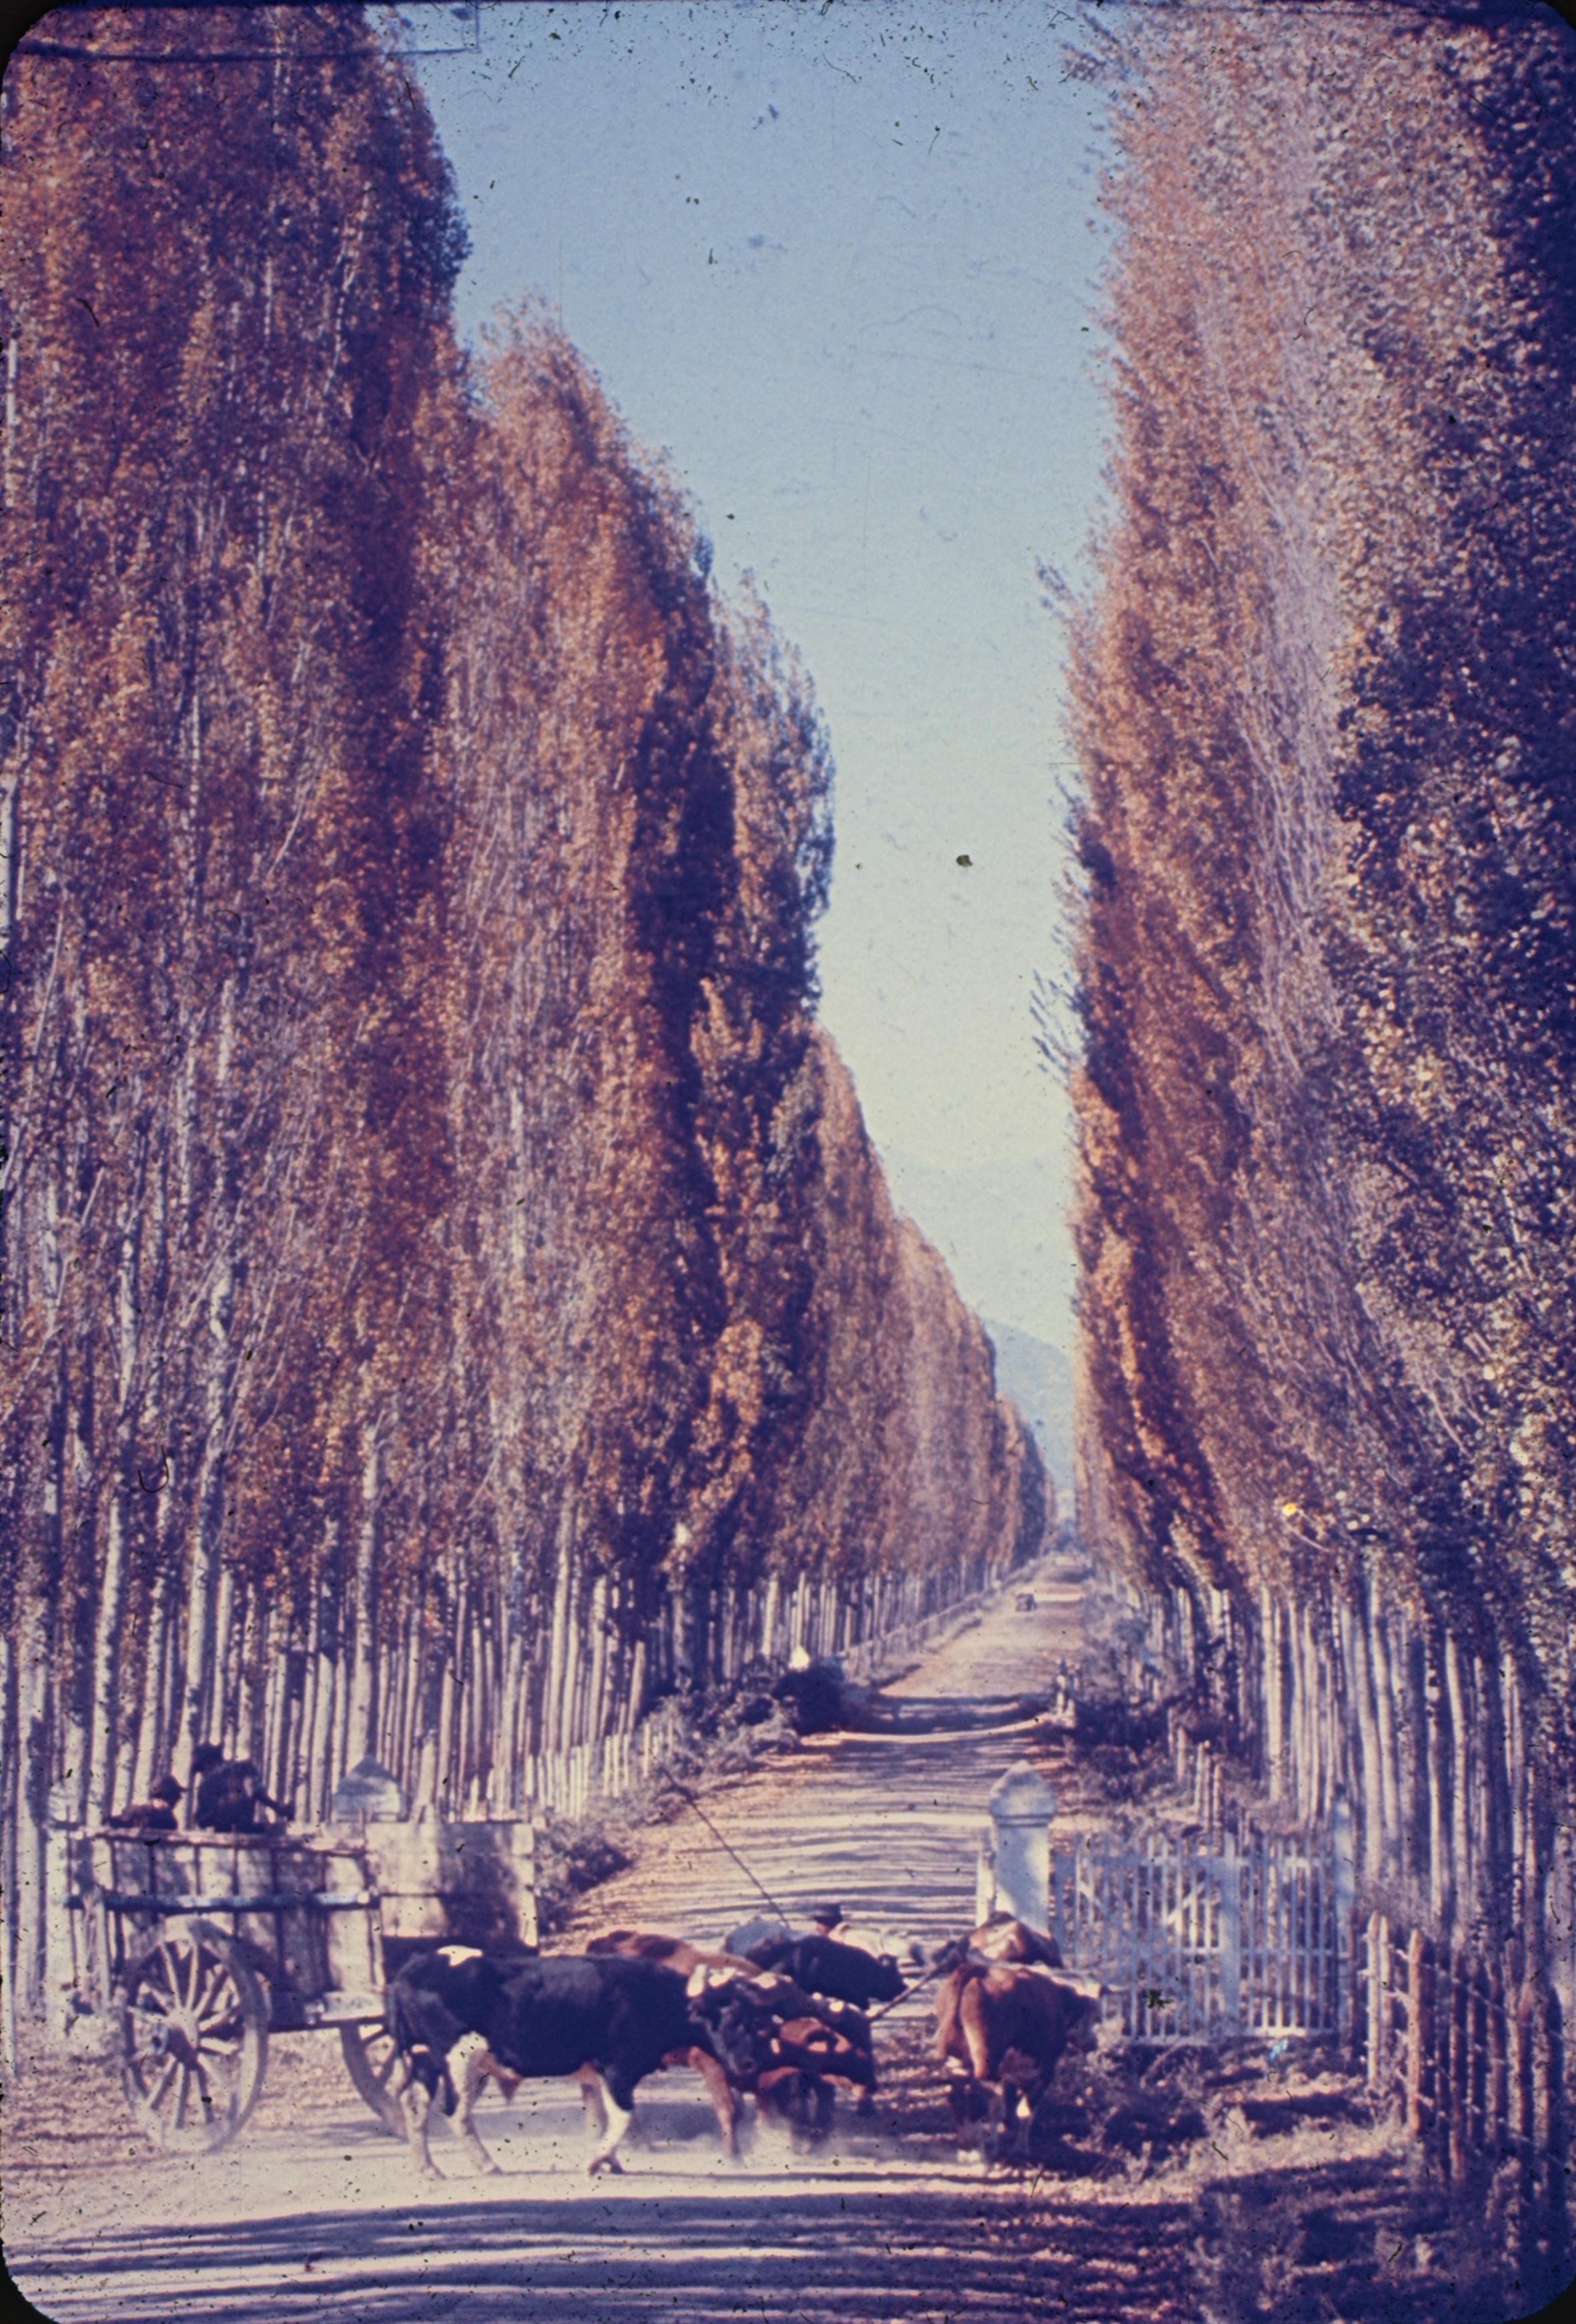 Enterreno - Fotos históricas de chile - fotos antiguas de Chile - Alameda en la Zona Central, 1960s